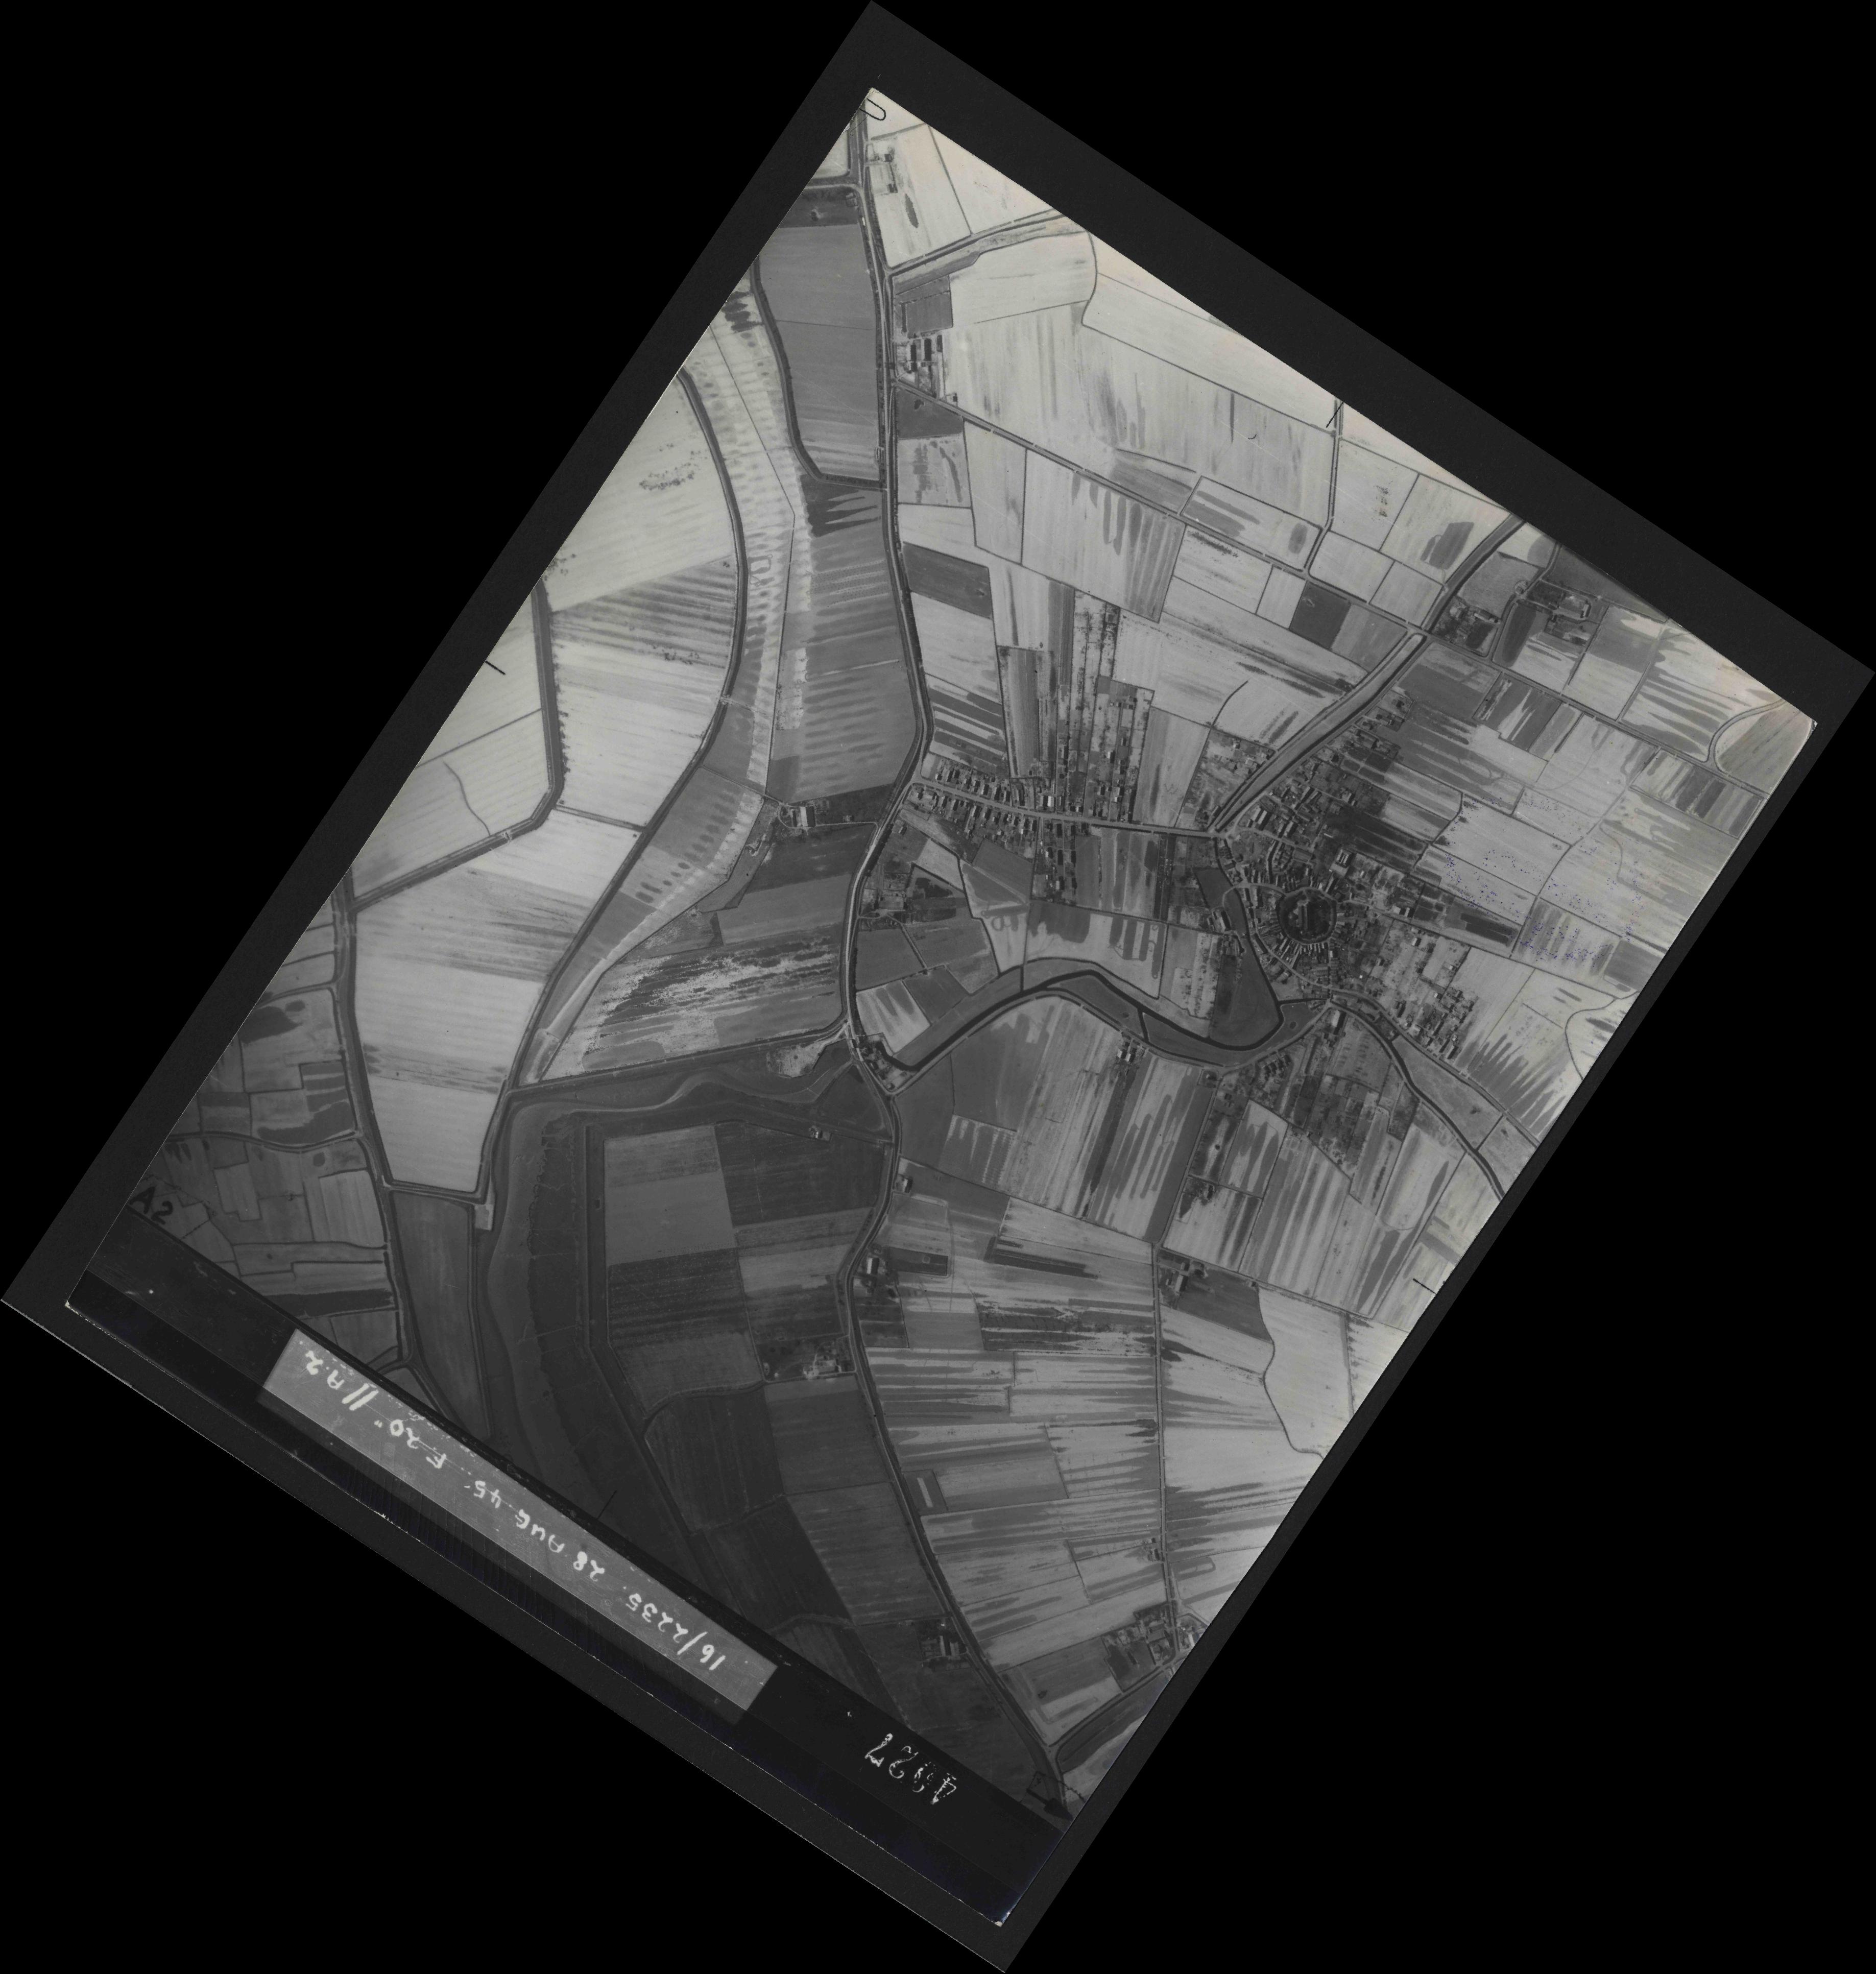 Collection RAF aerial photos 1940-1945 - flight 033, run 07, photo 4027